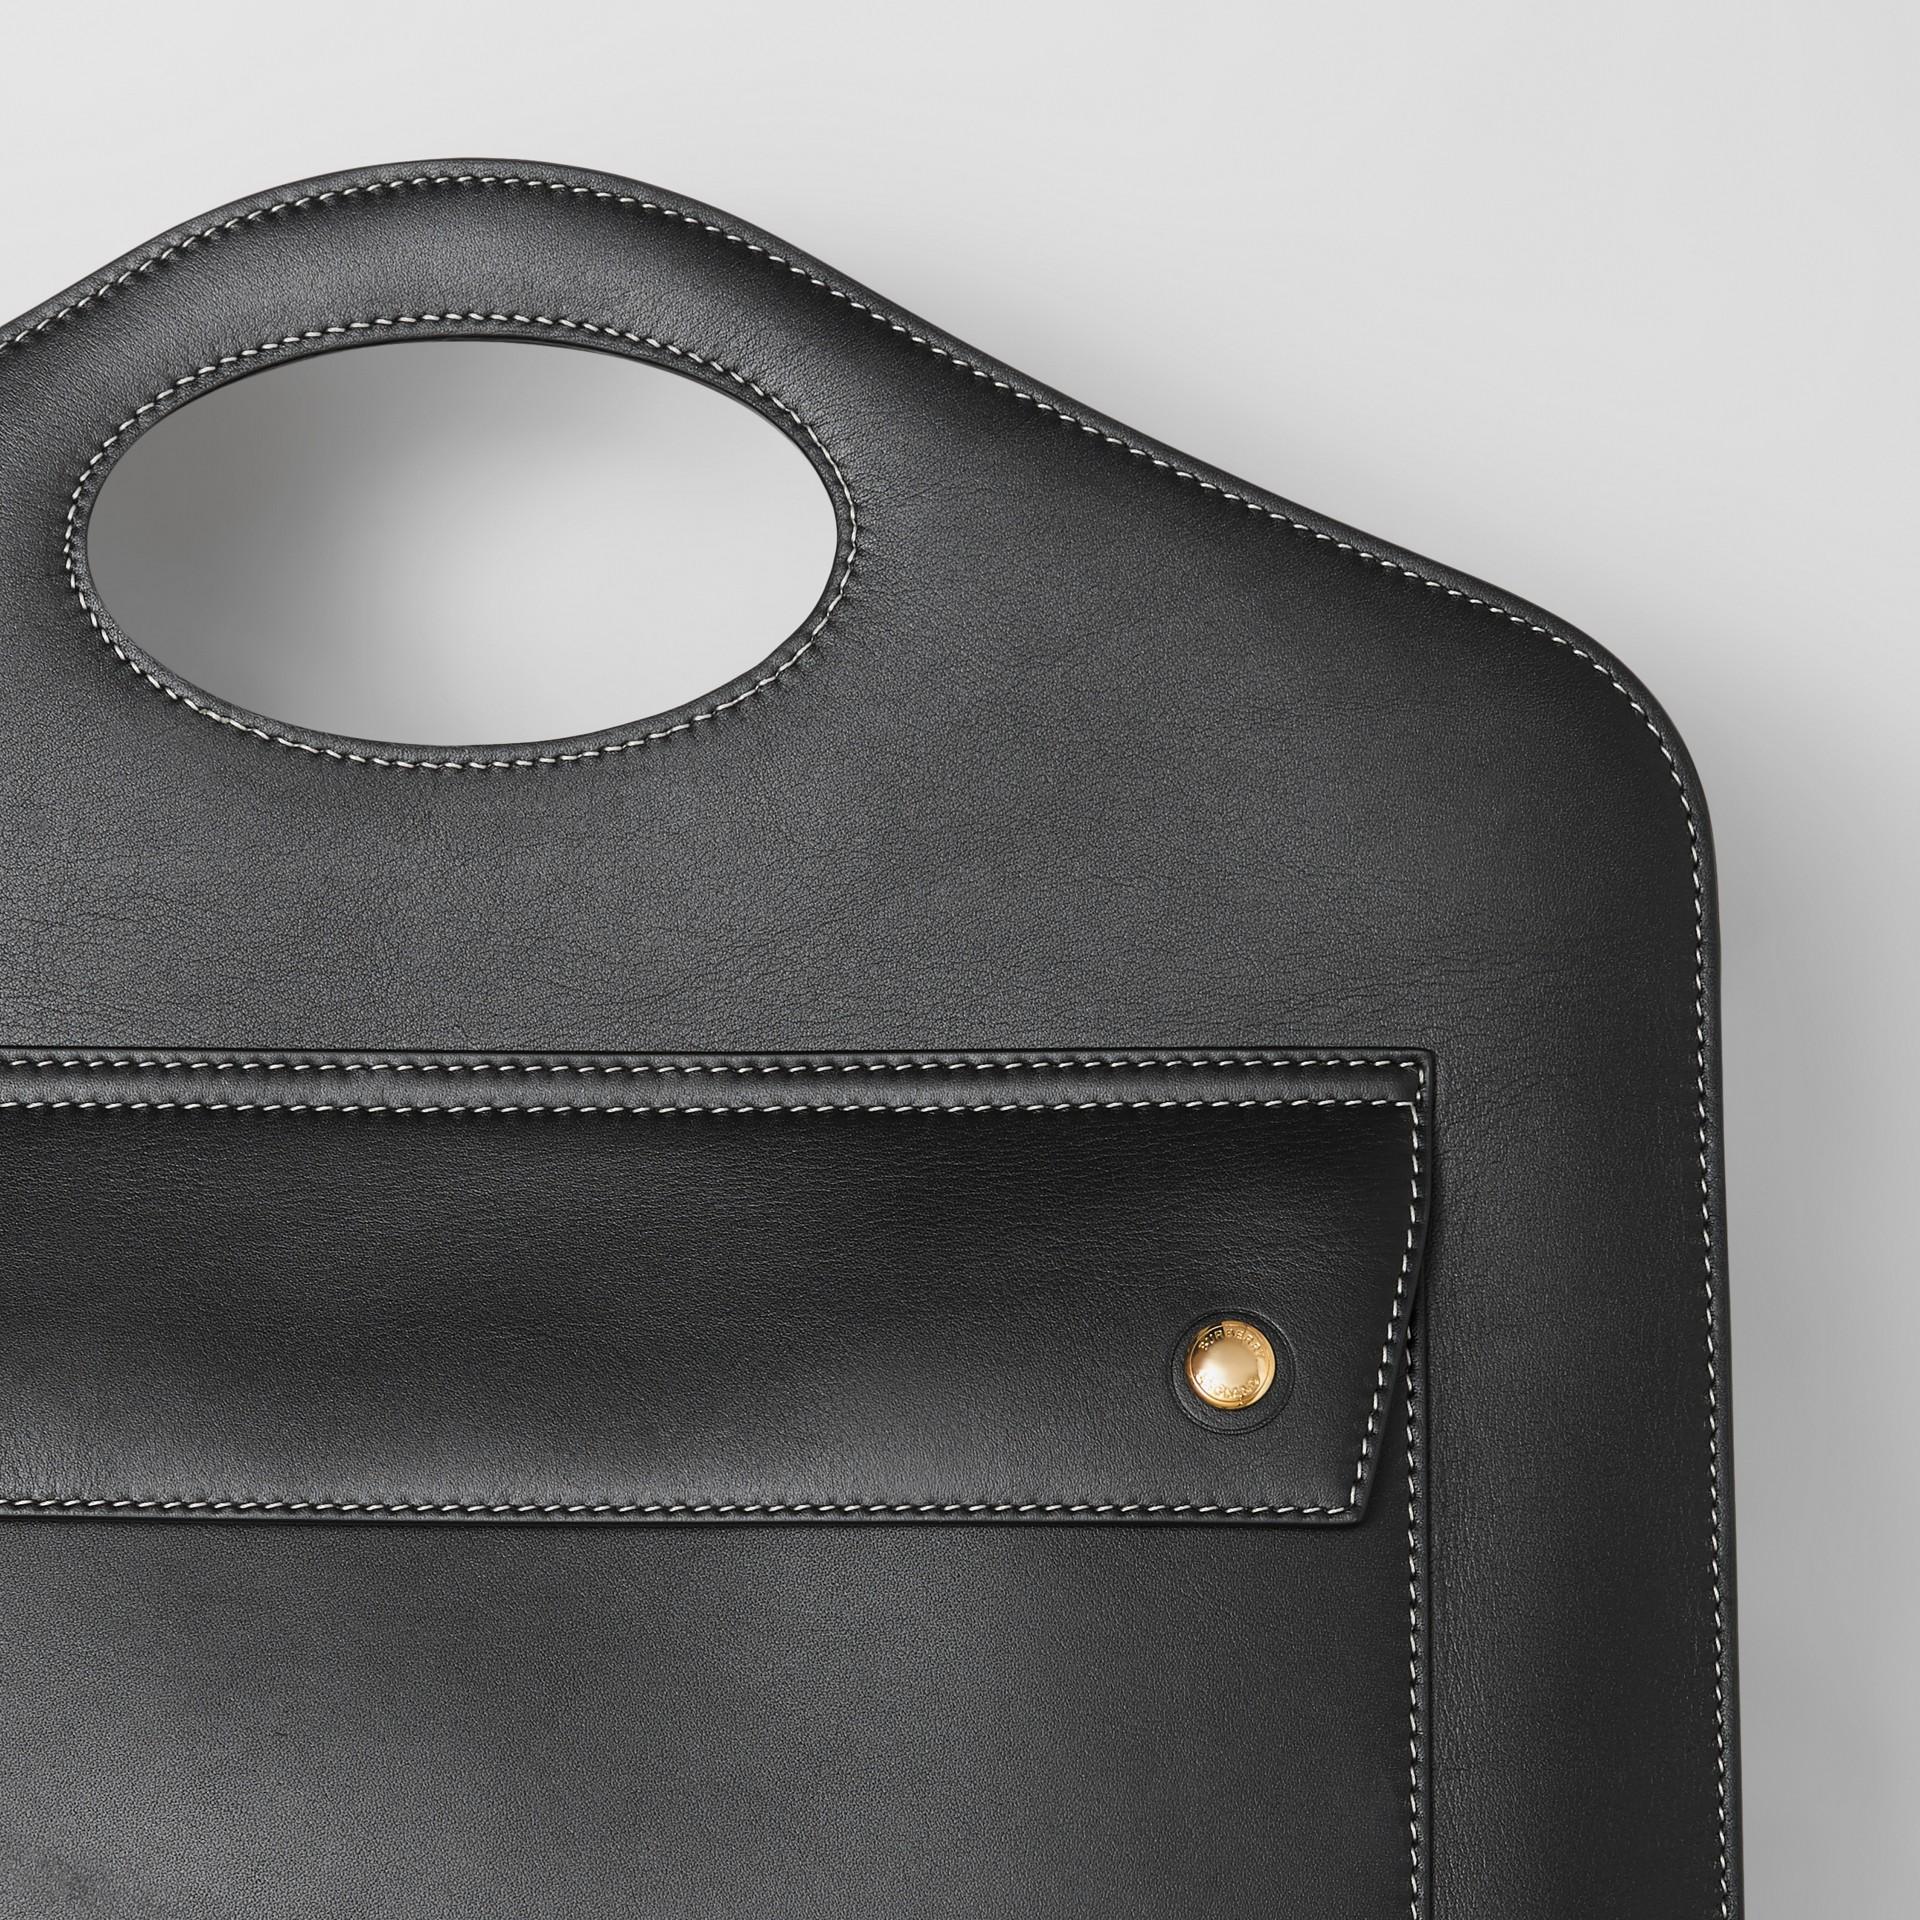 Mittelgroße Leder-Henkeltasche mit Steppnähten (Schwarz) - Damen | Burberry - Galerie-Bild 1